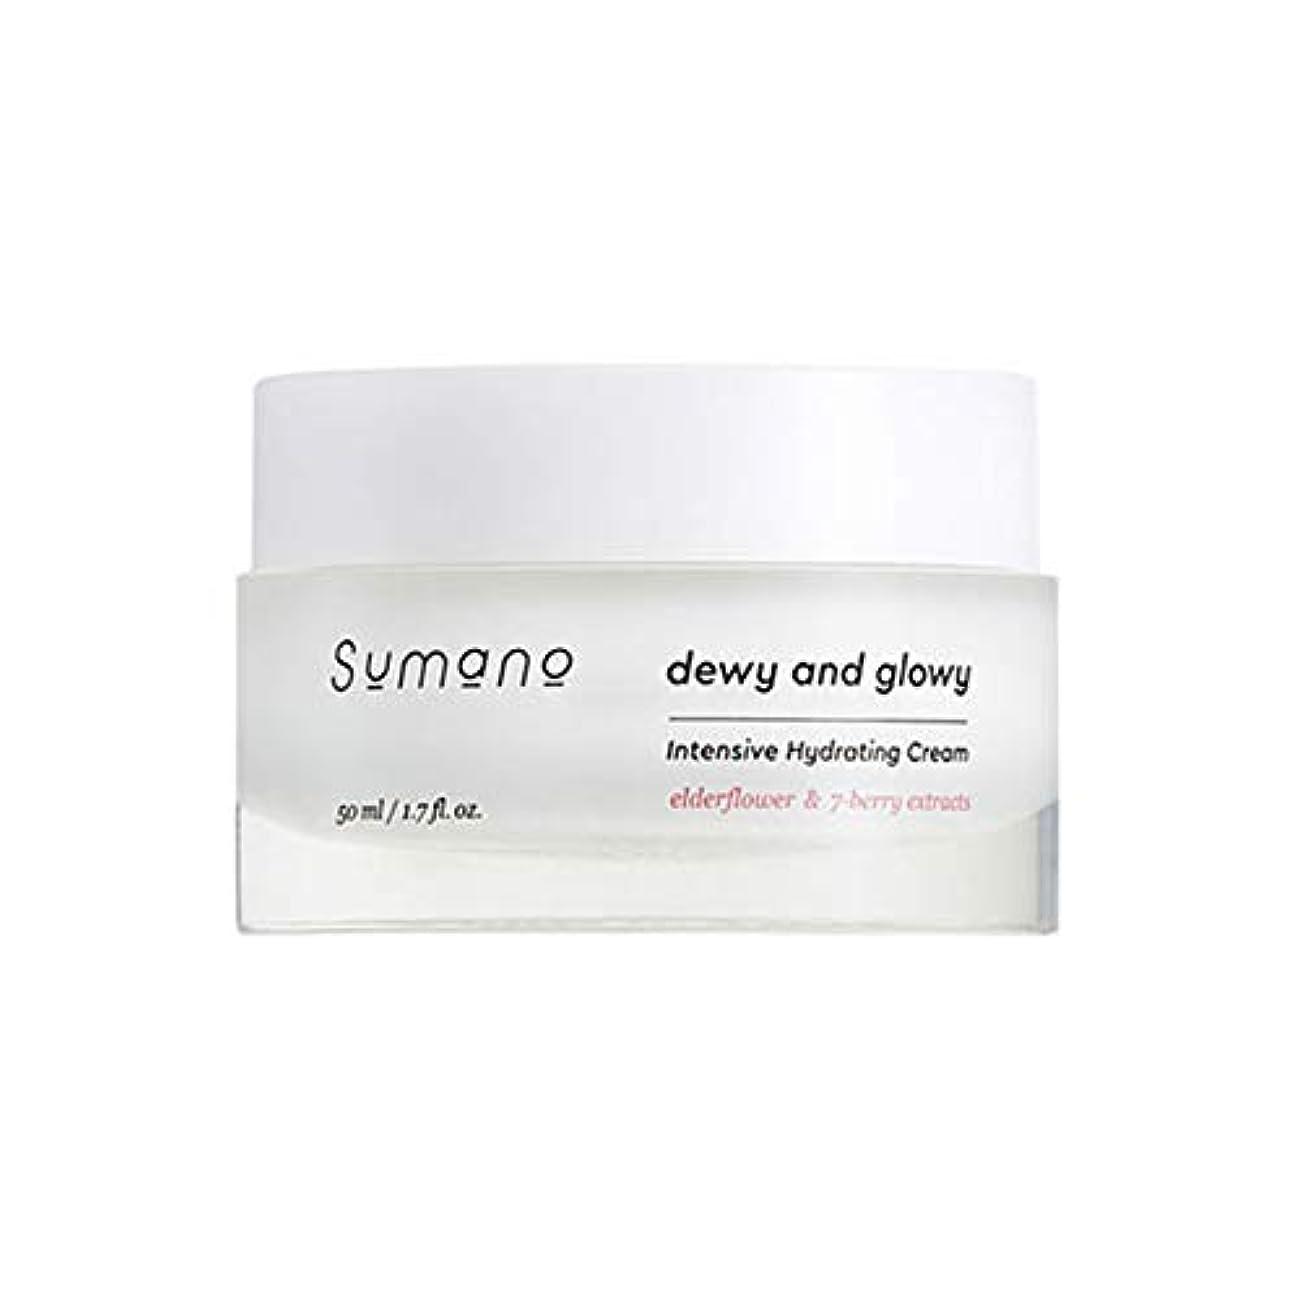 バルクやけど前に[SUMANO/スマノ] Sumano Intensive Hydrating Cream/インテンシブクリーム Skingarden/スキンガーデン